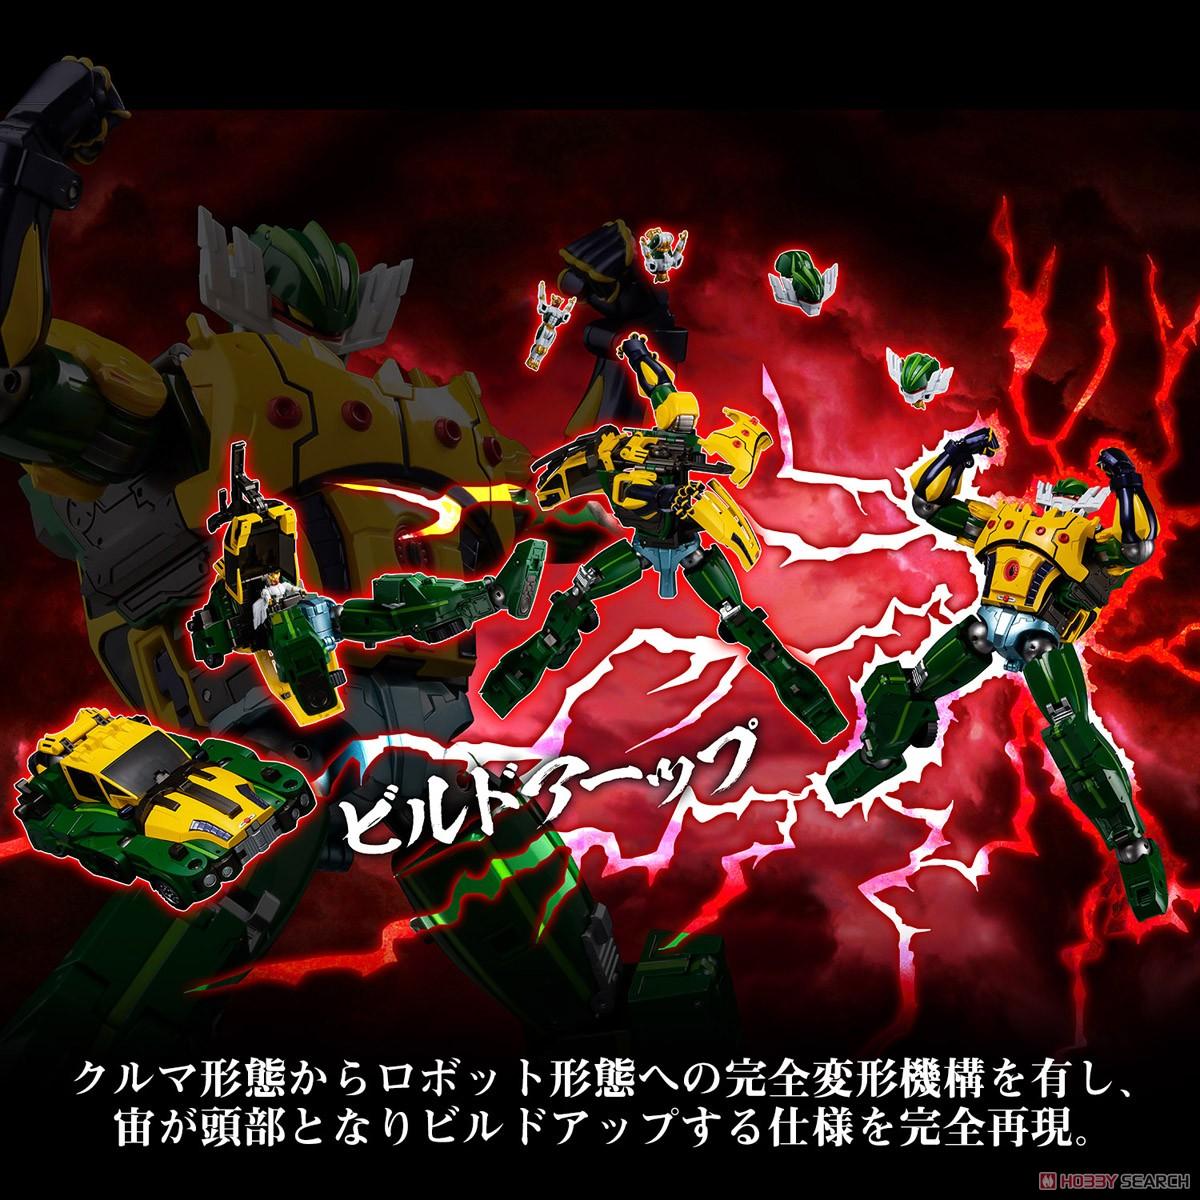 METAMOR-FORCE『ジーグフリート』鋼鉄ジーグ a.k.a. JEEGFRIED 可変可動フィギュア-019